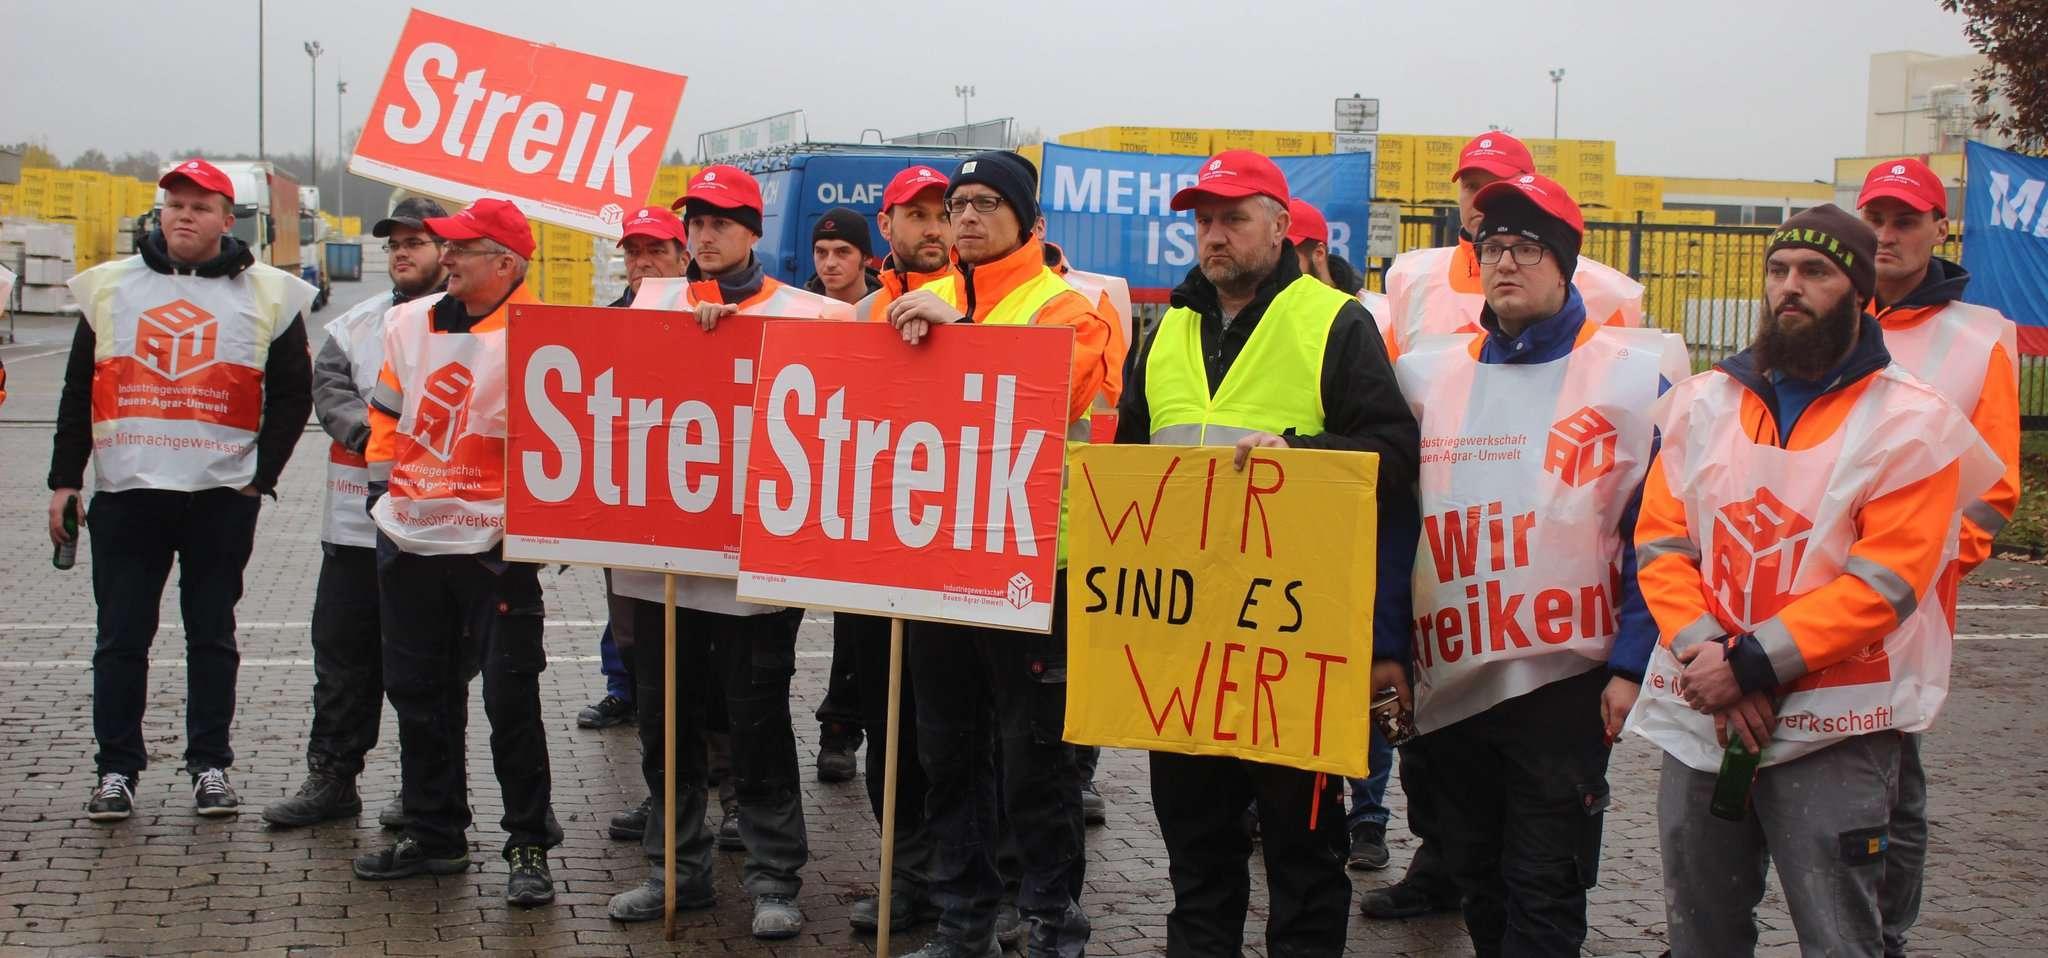 Die Xella-Mitarbeiter legten am Donnerstagmittag für zwei Stunden ihre Arbeit nieder u2013 scheitern die nächsten Verhandlungen, sollen weitere Streiks folgen.